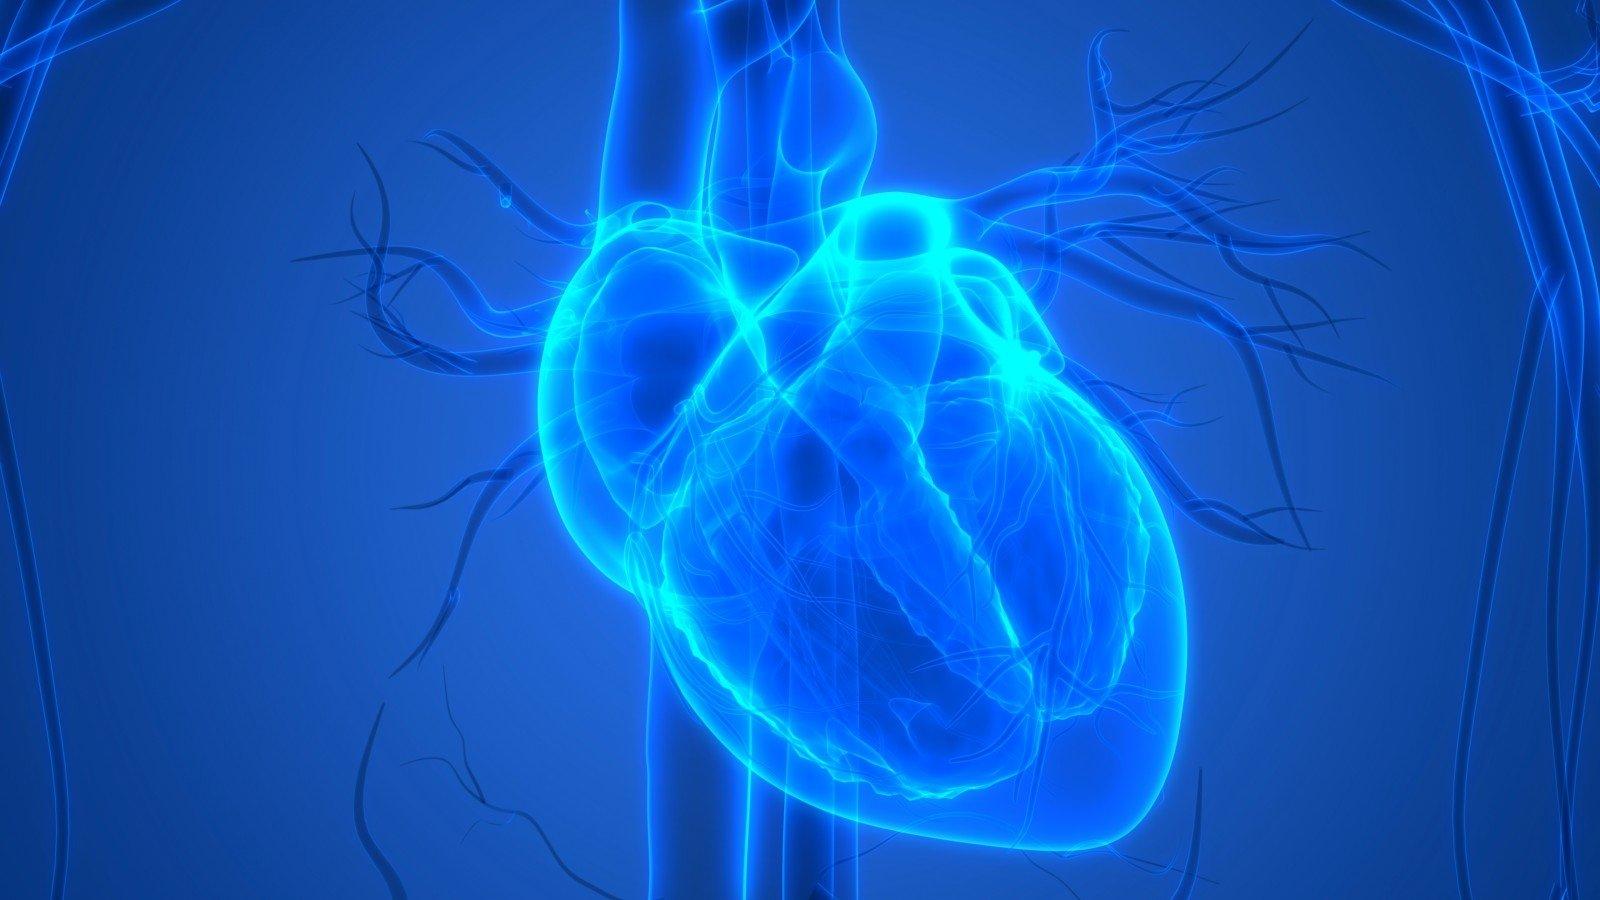 kinoja sveikata naudinga širdžiai didelis cukraus kiekis hipertenzijai gydyti